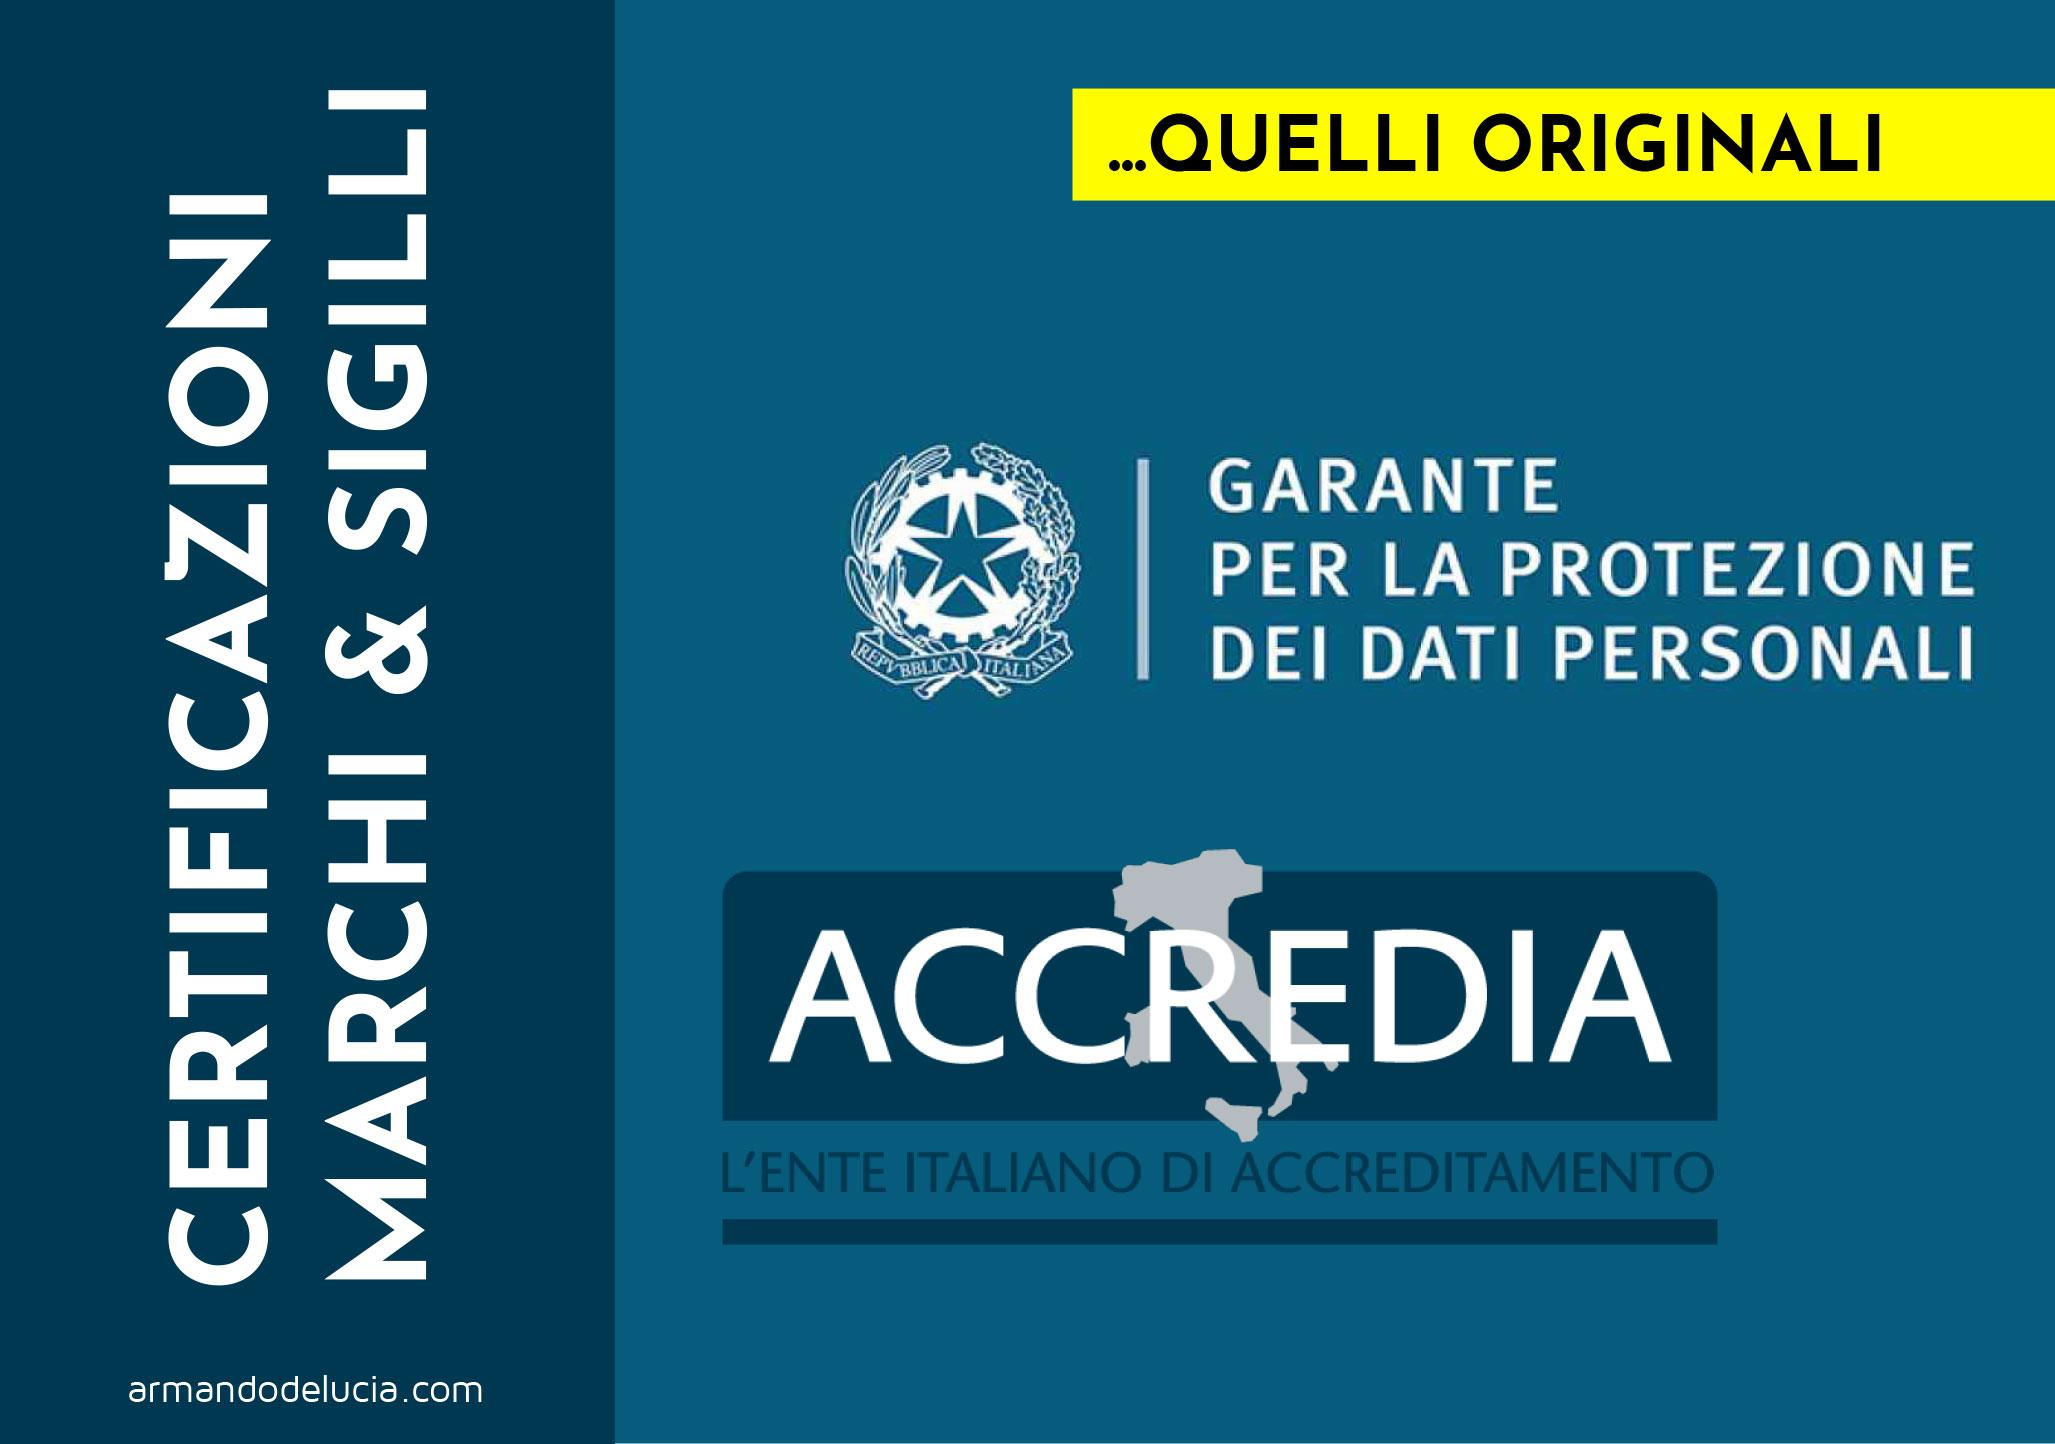 GDPR Firmato l'accordo per le VERE certificazioni sulla protezione dati - Armando De Lucia - Legale Informatico - Avvocato 4.0